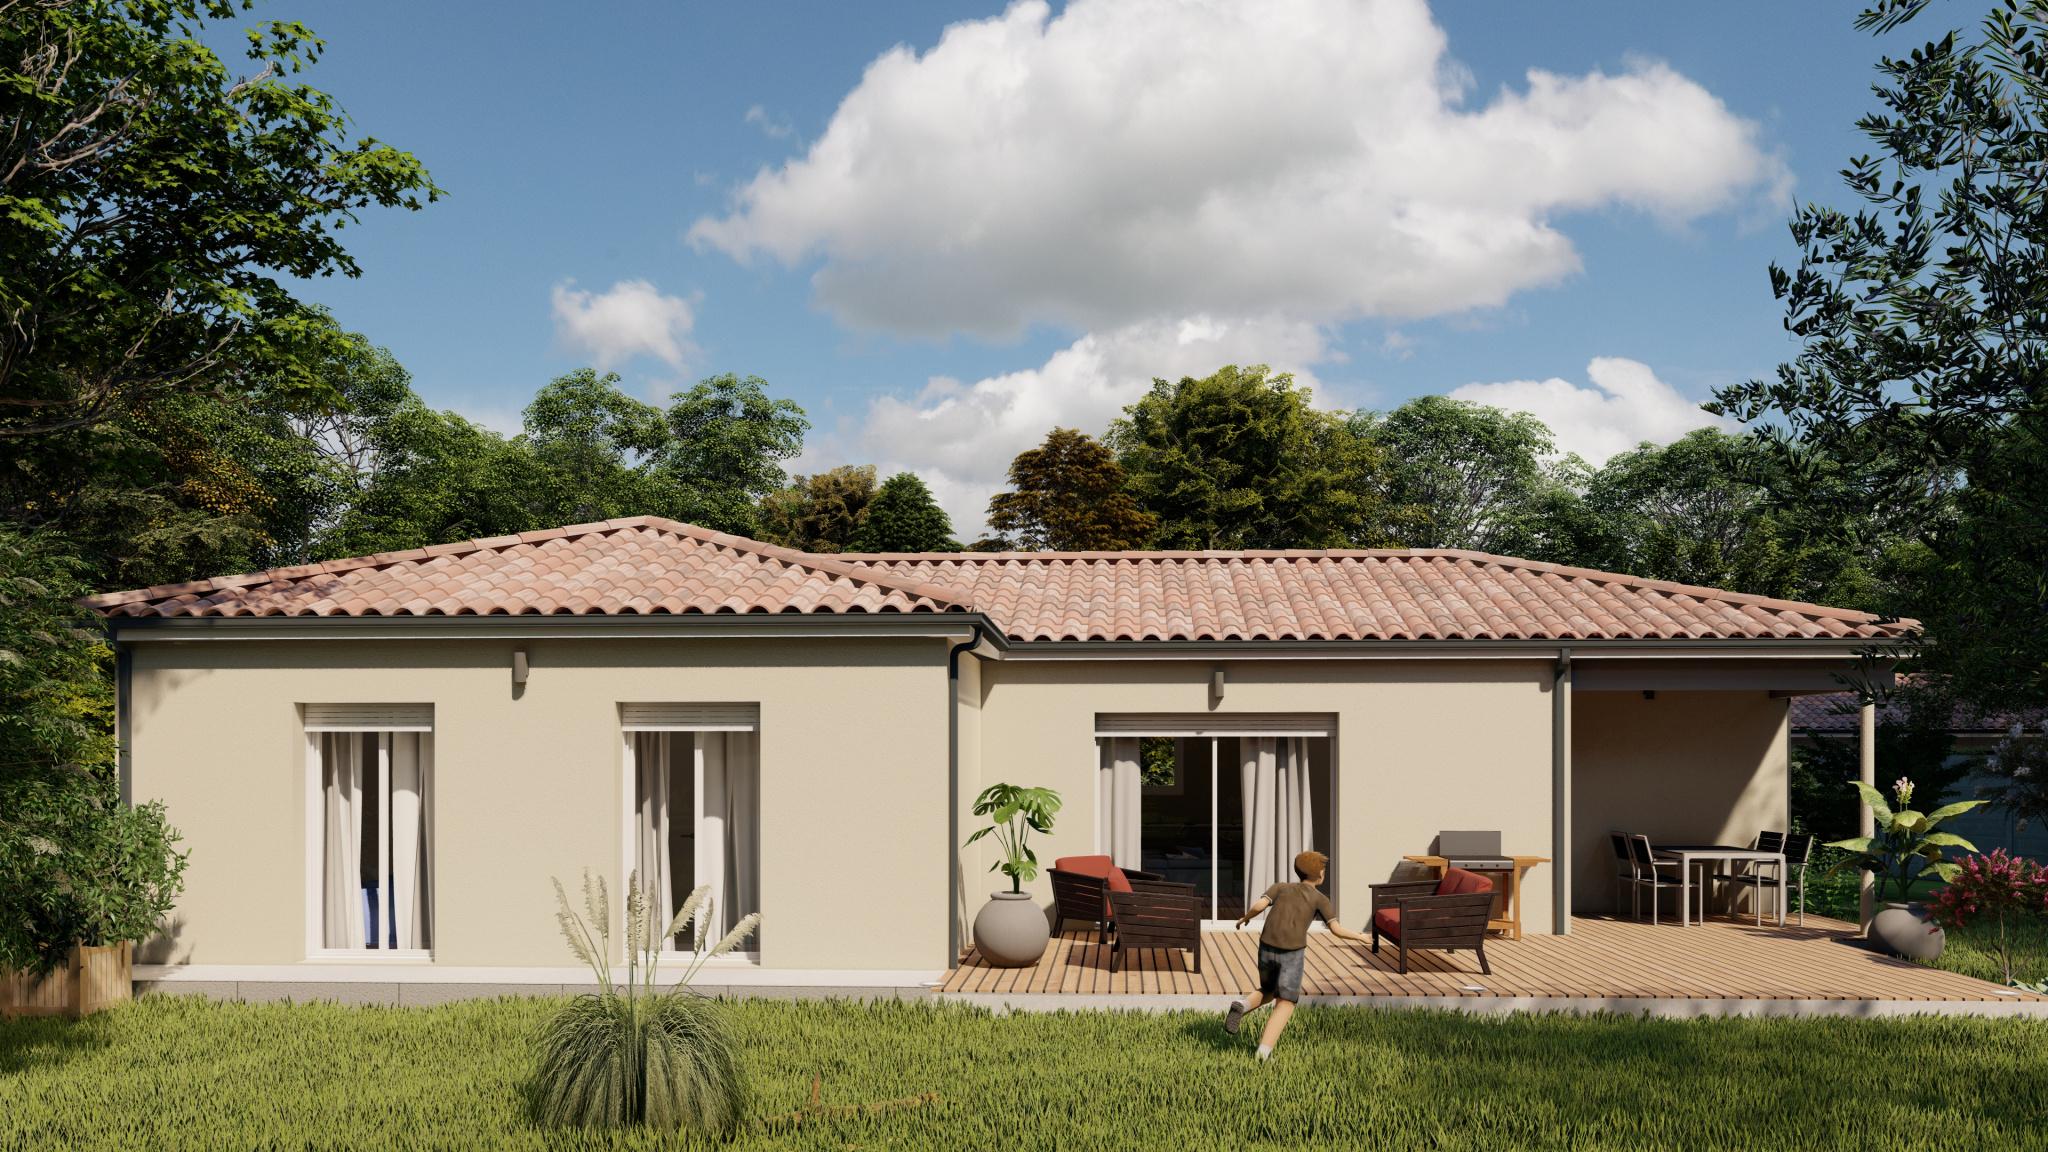 Vente maison à St maurice sur adour (40270) de 90 m2 habitable sur terrain de 1543 m2